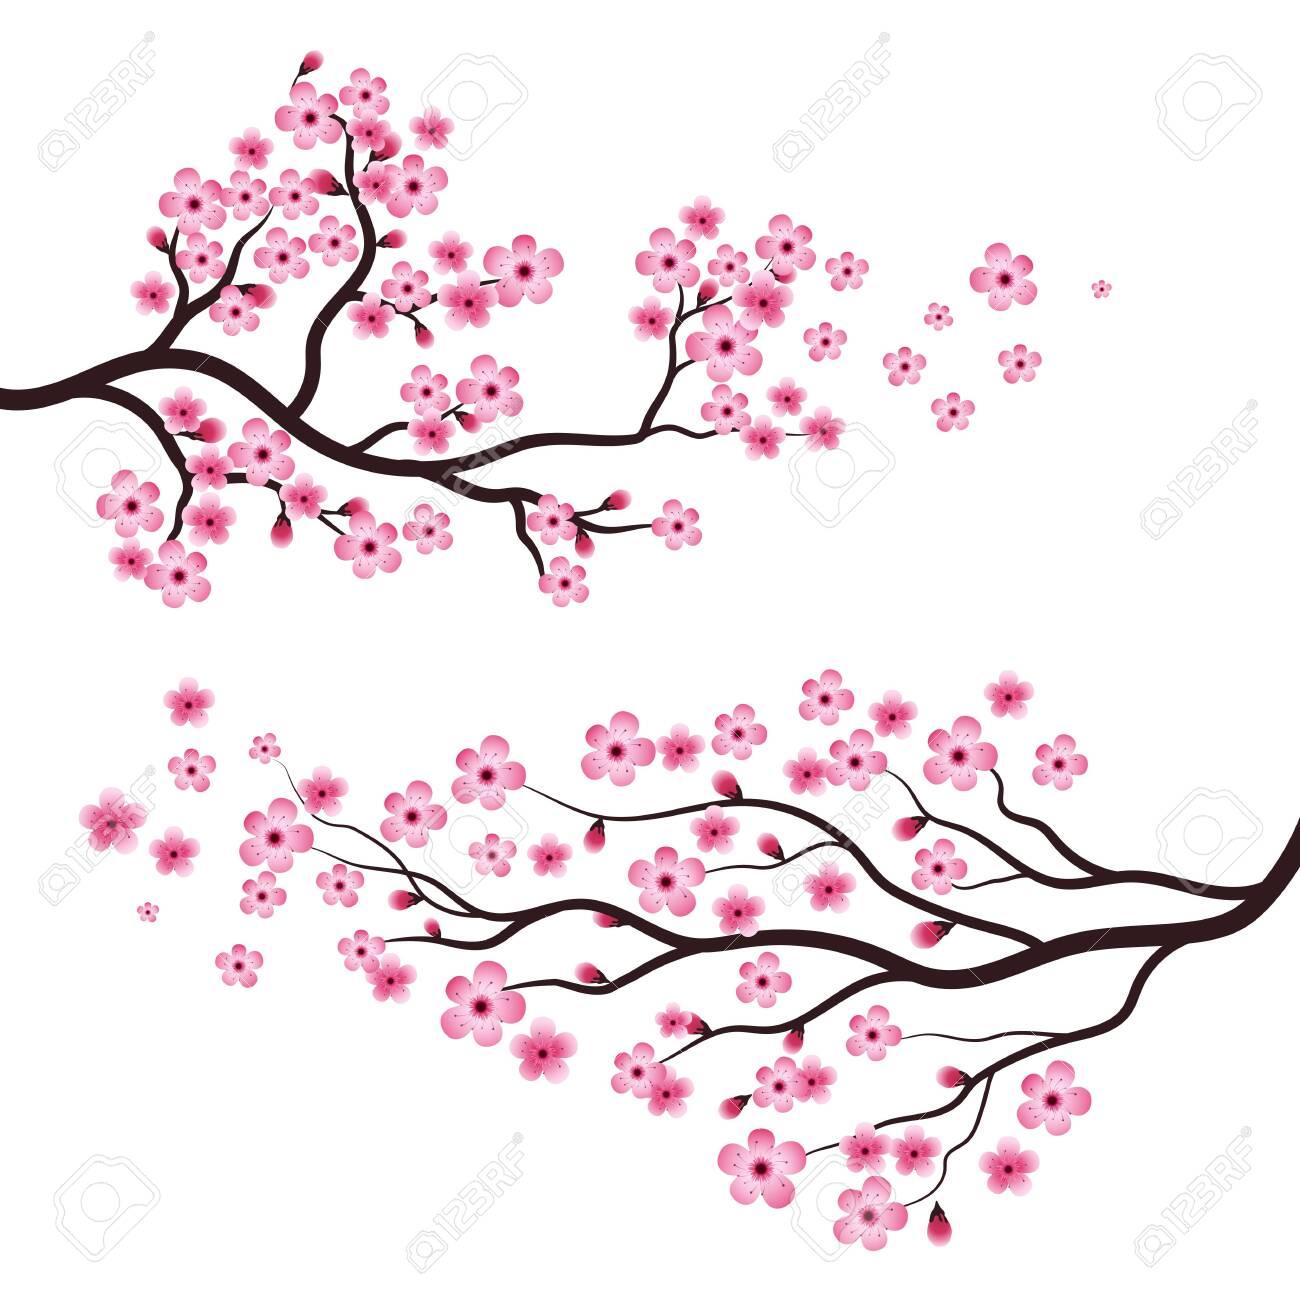 Sakura Beauty flower Vector icon illustration design - 151189701